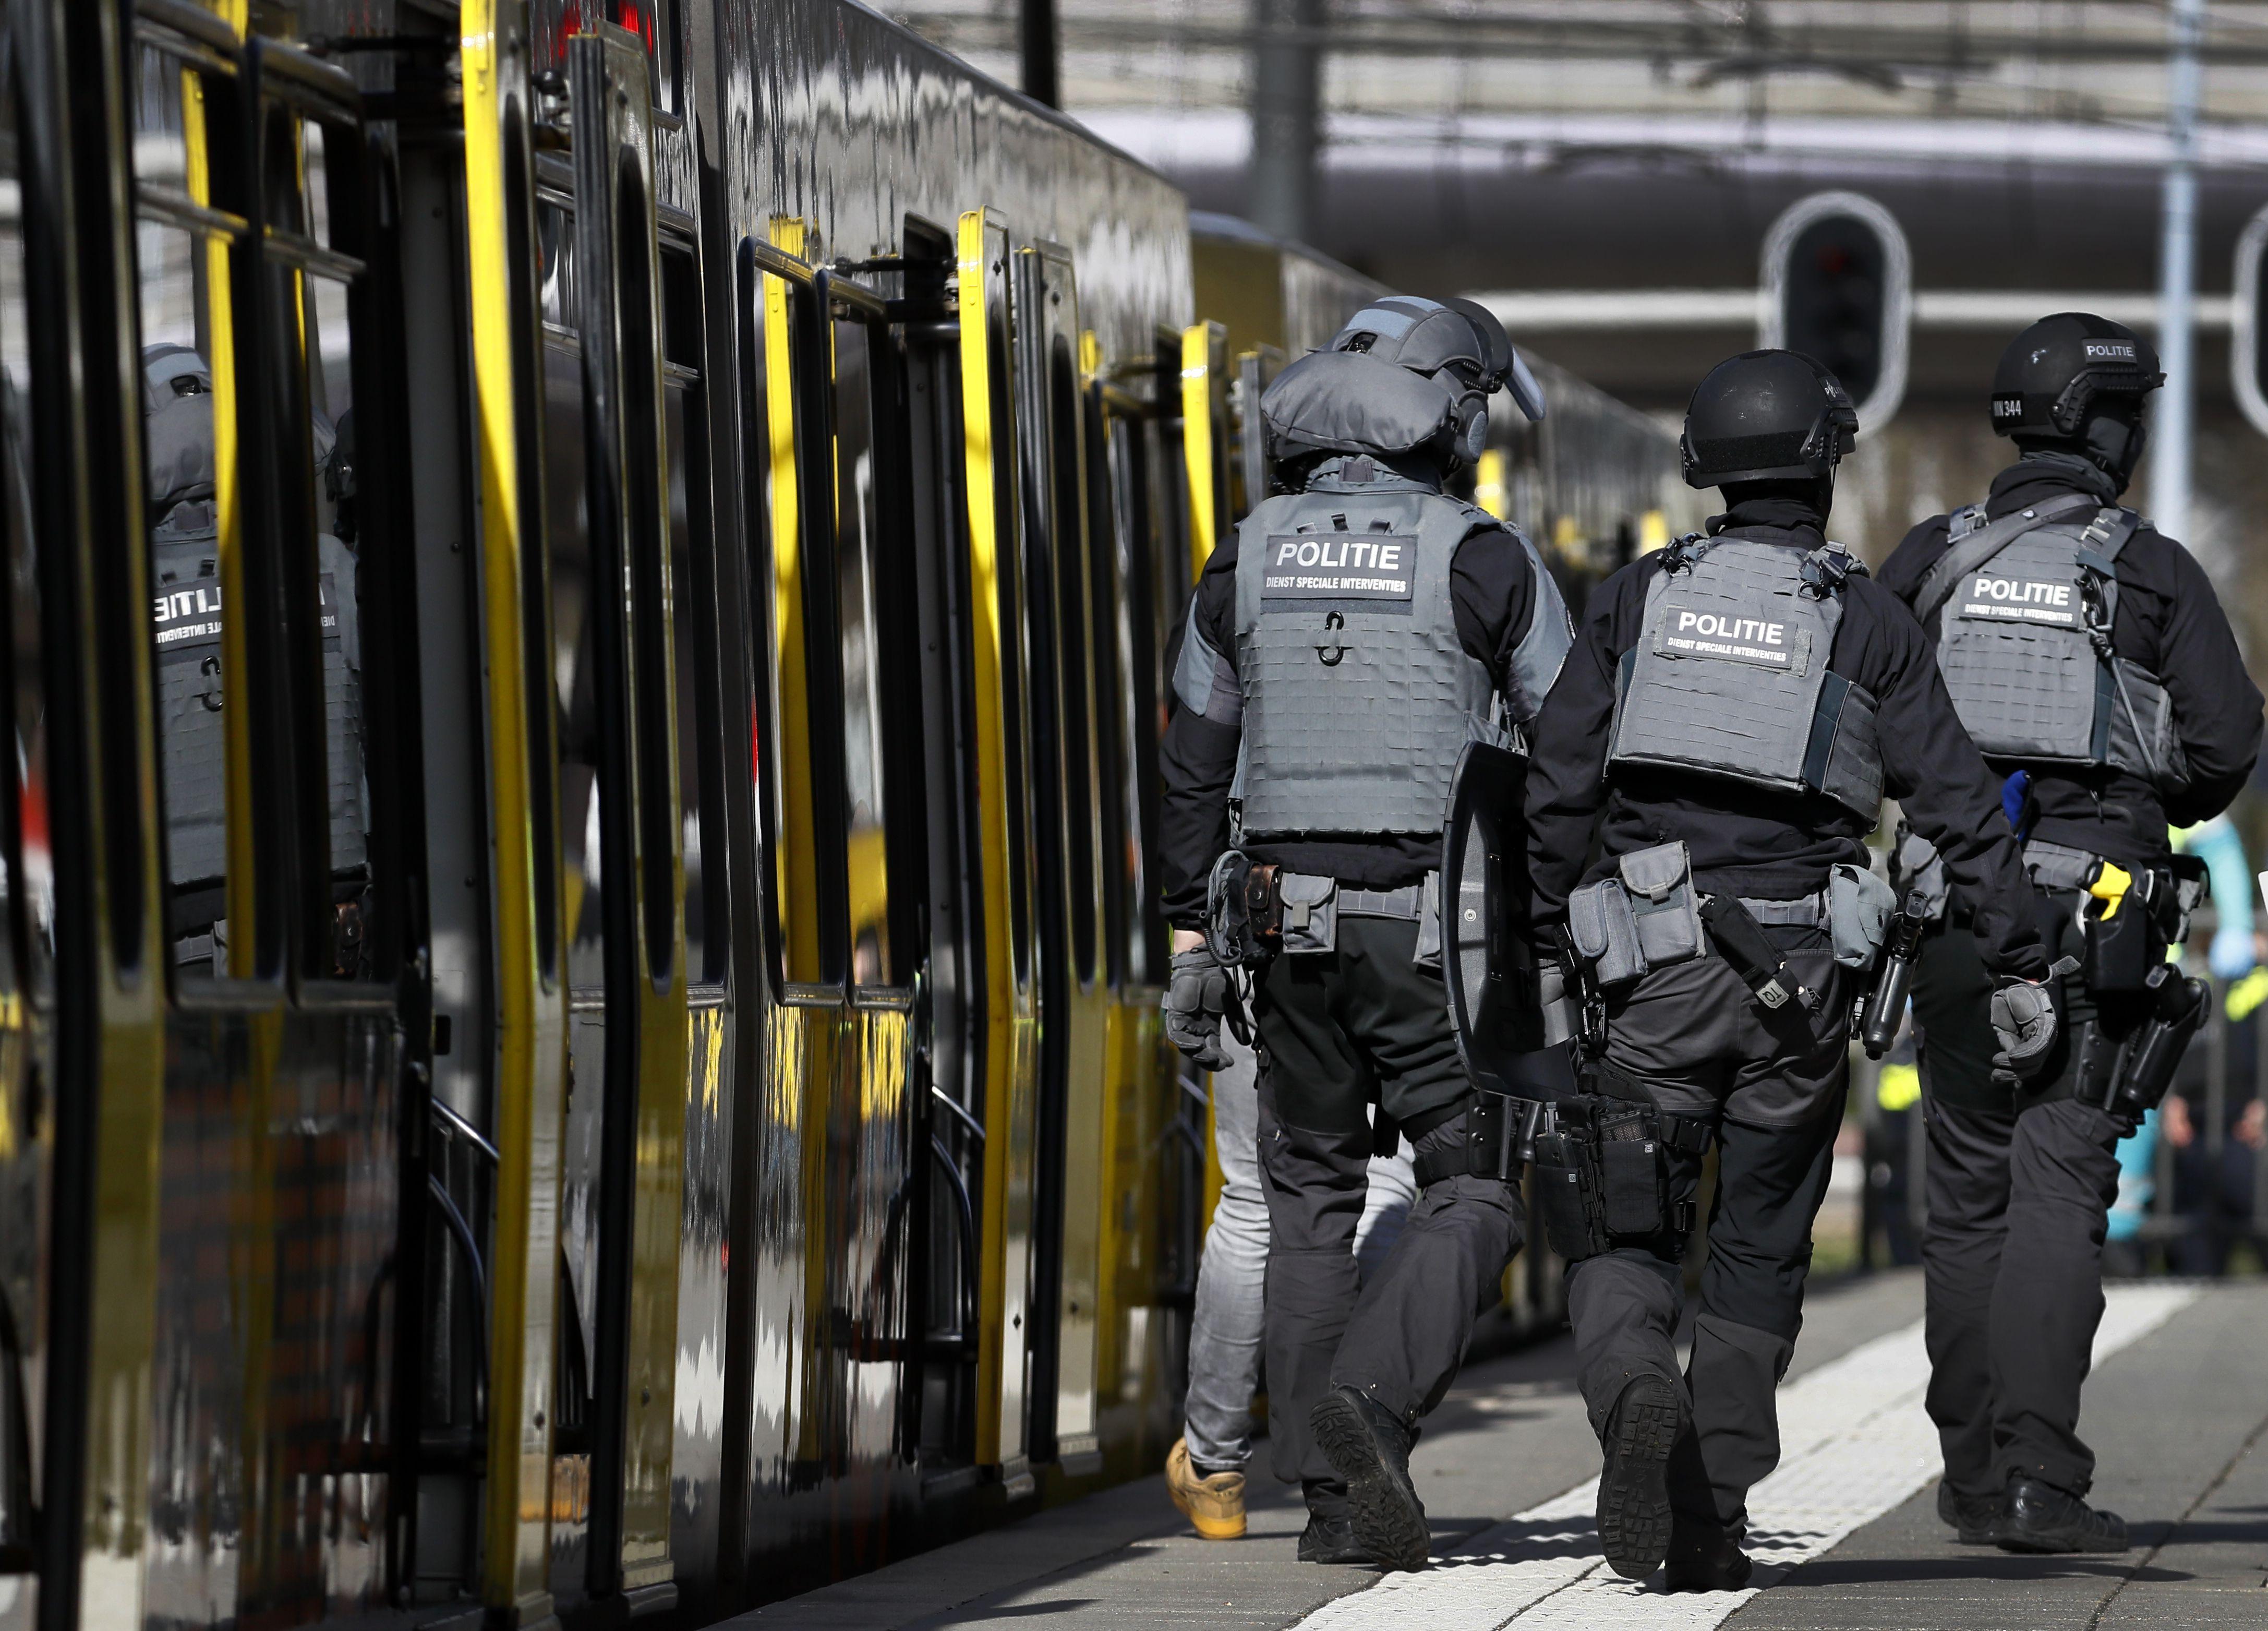 荷蘭發生槍擊致1死多傷 警方調查是否恐襲